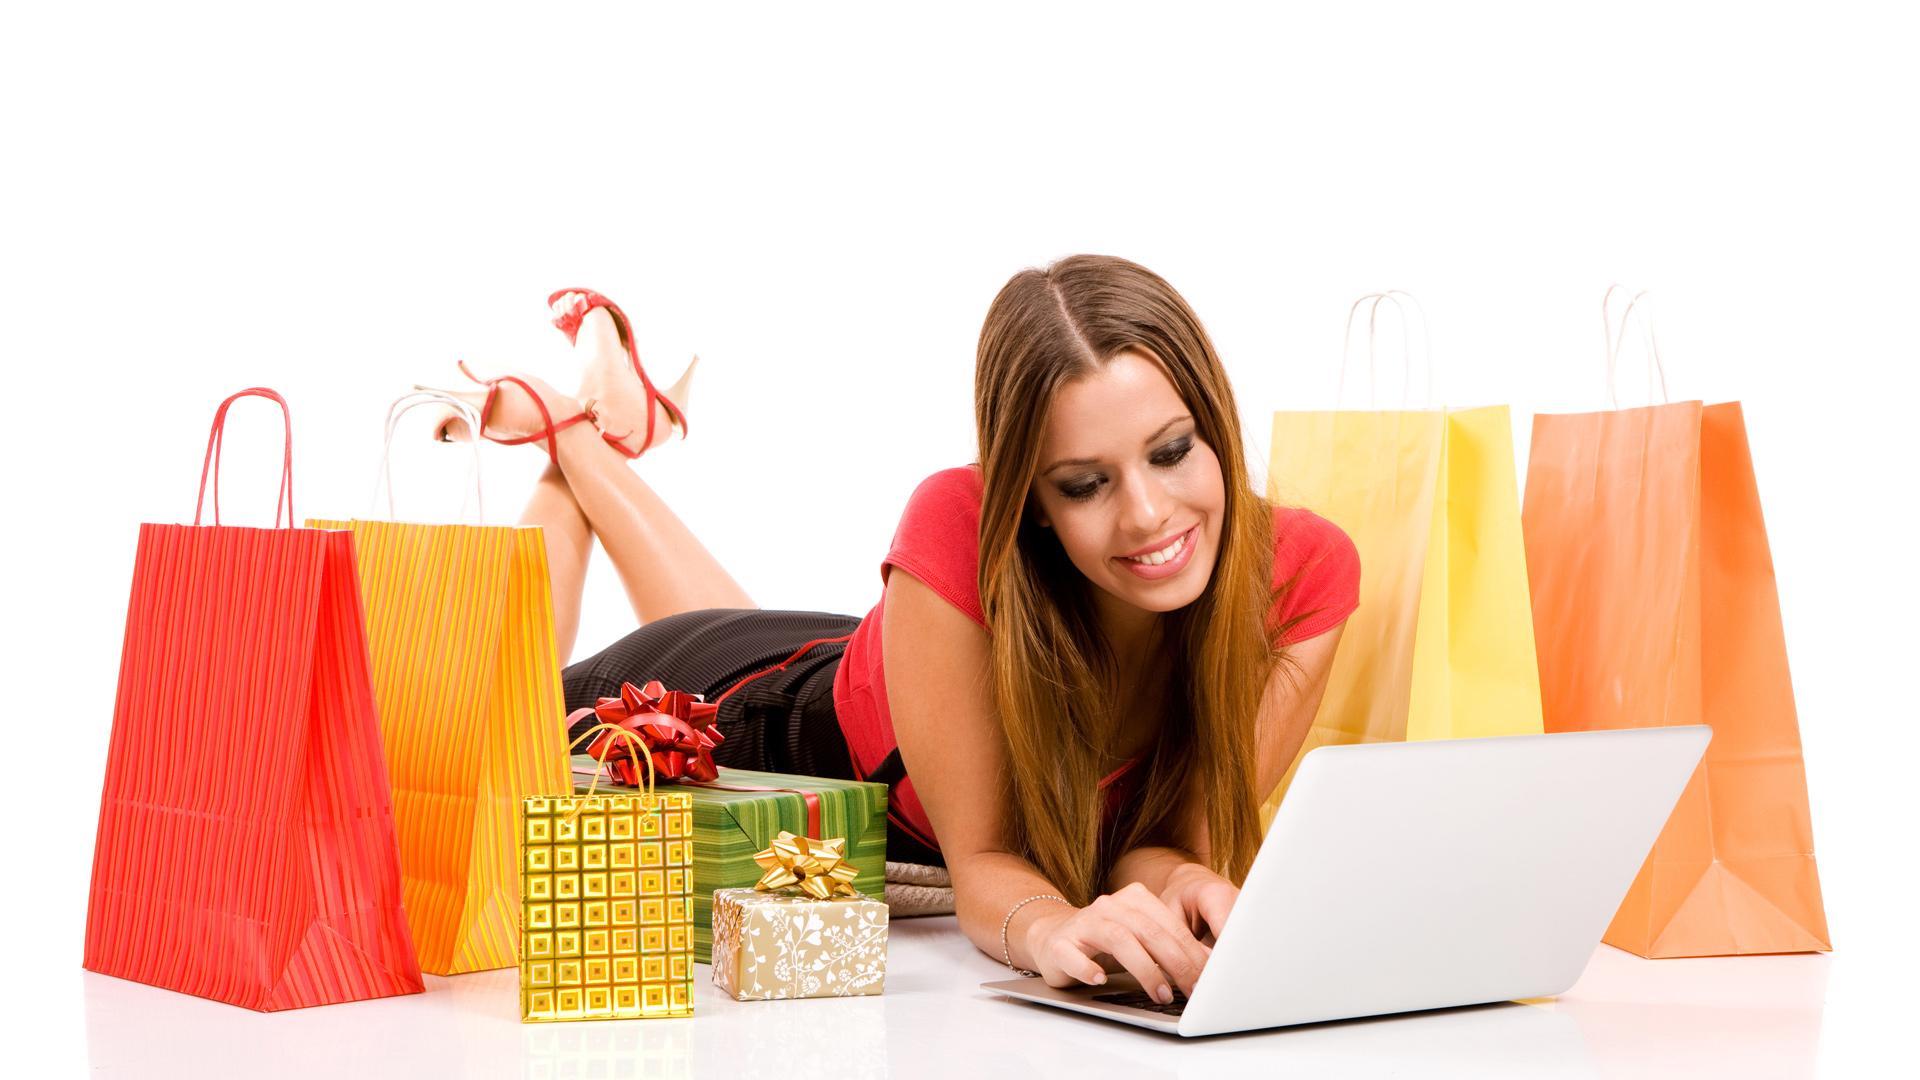 Работа для женщин (девушек) — вакансии на дому на